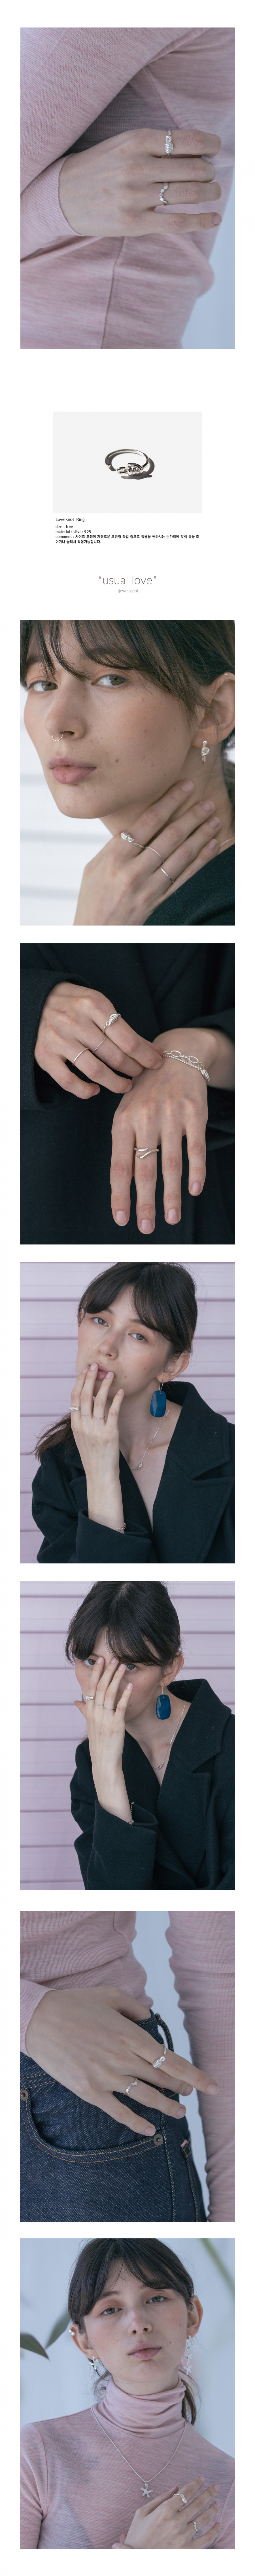 유주얼센트(UJEWELSCENT) Love knot ring